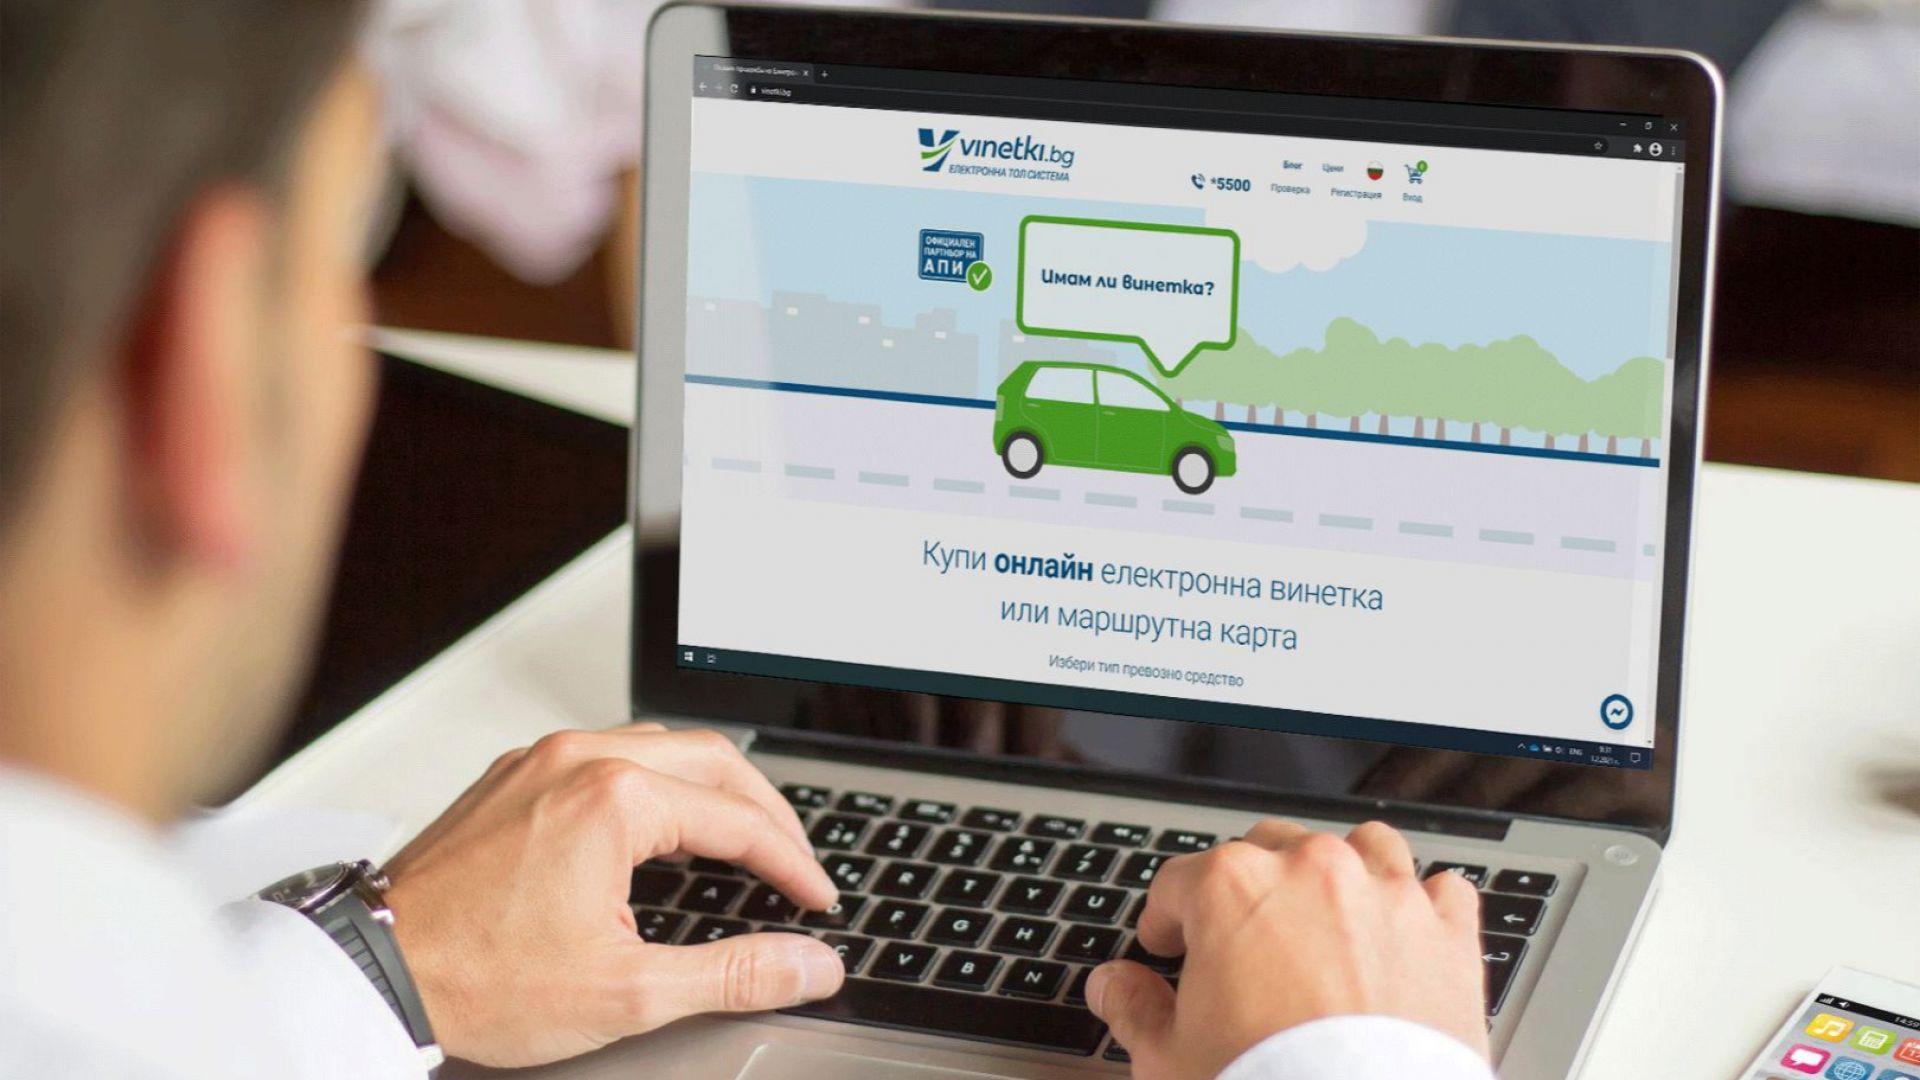 Онлайн закупуването на електронни винетки е новата тенденция през 2021